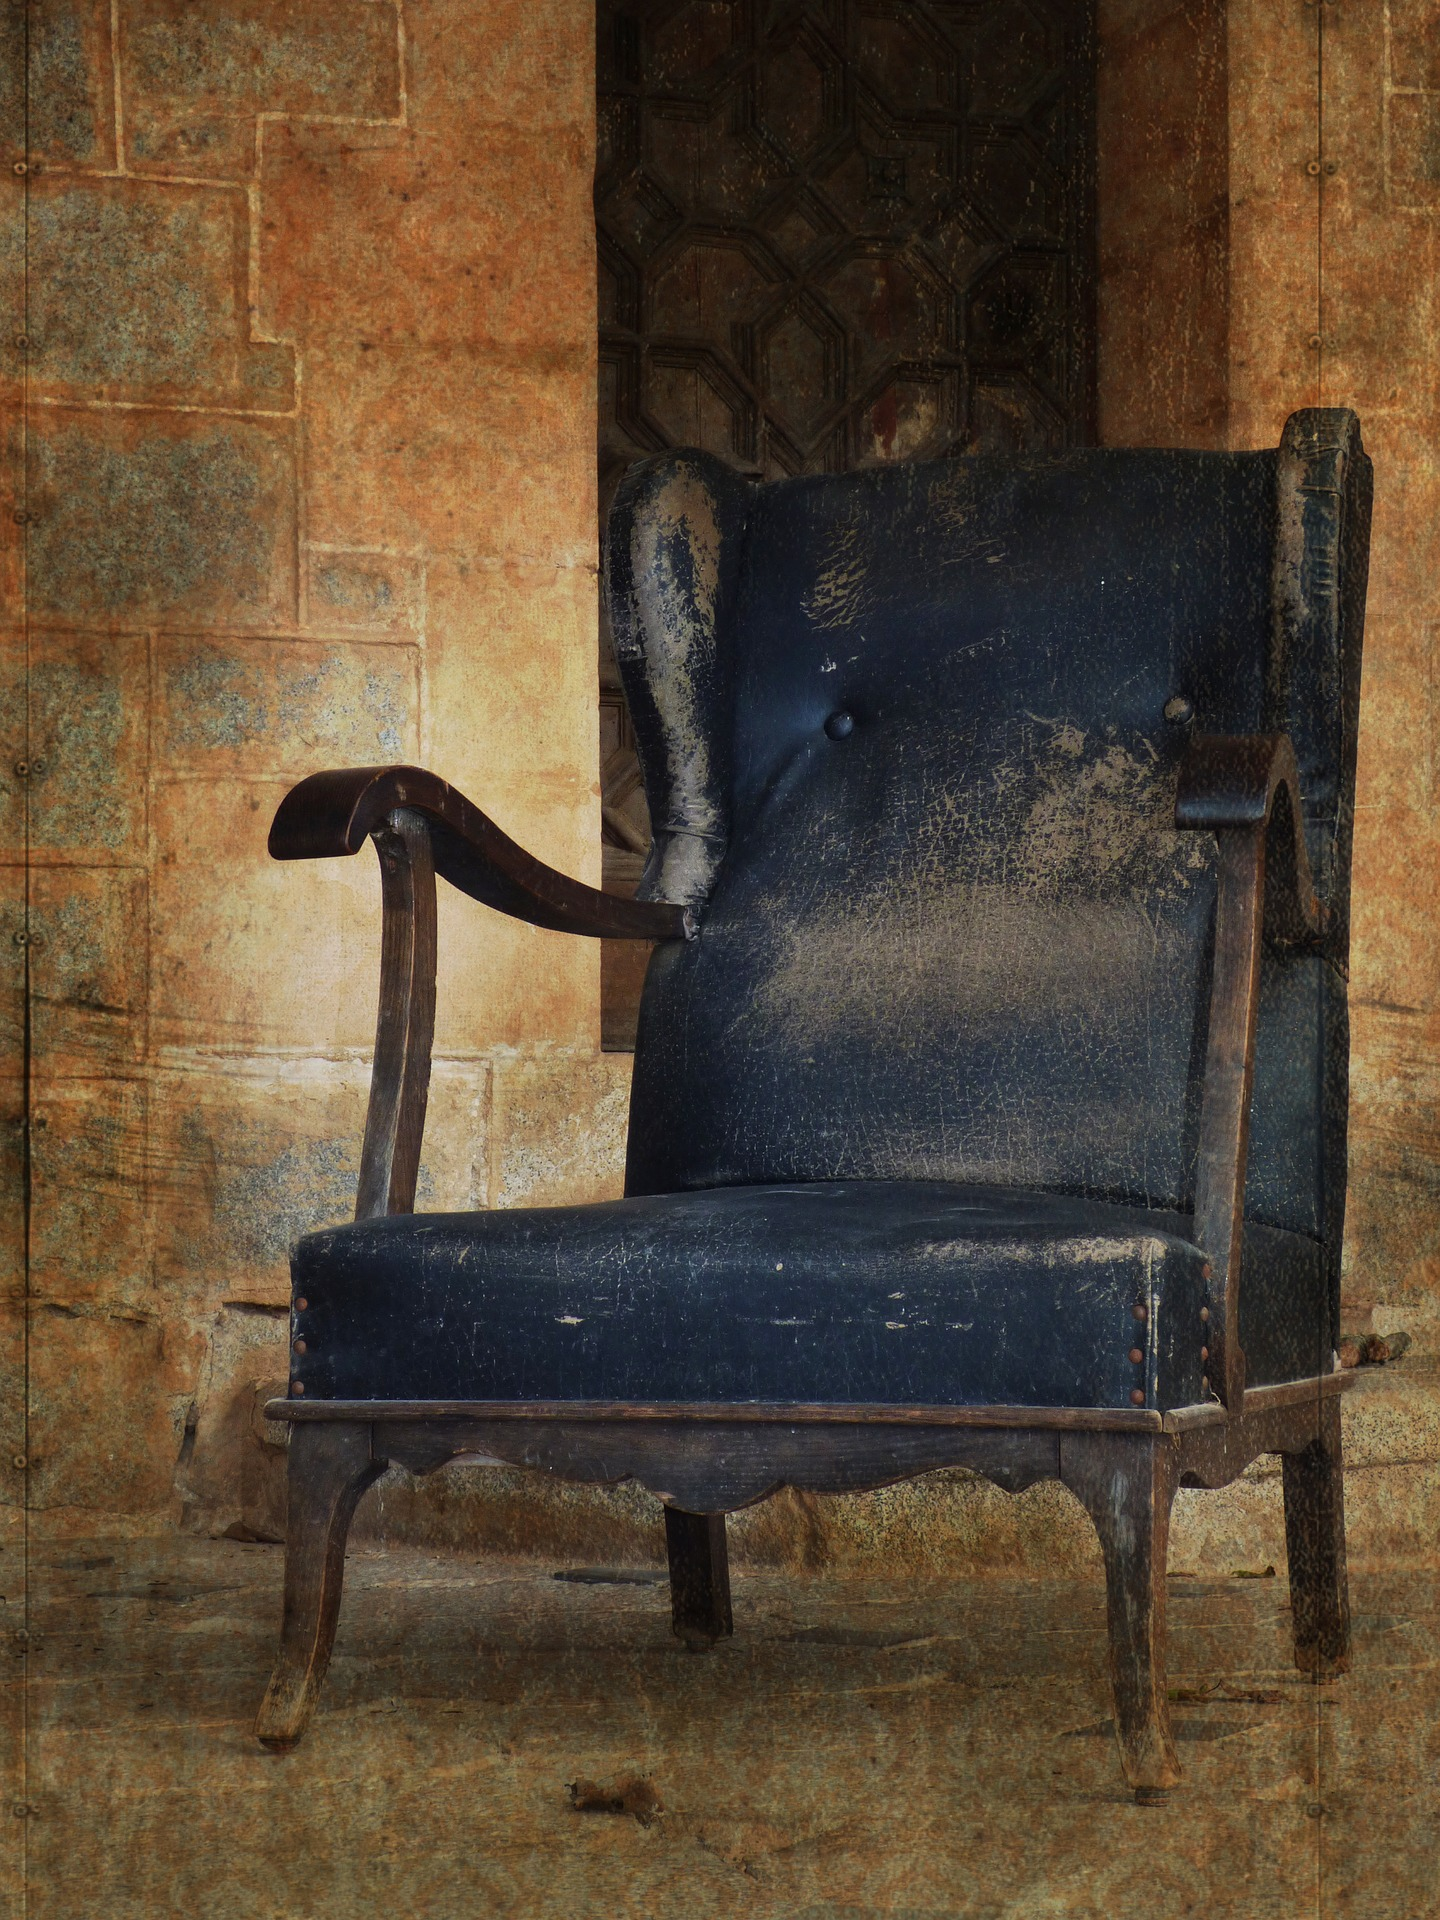 armchair-1980308_1920